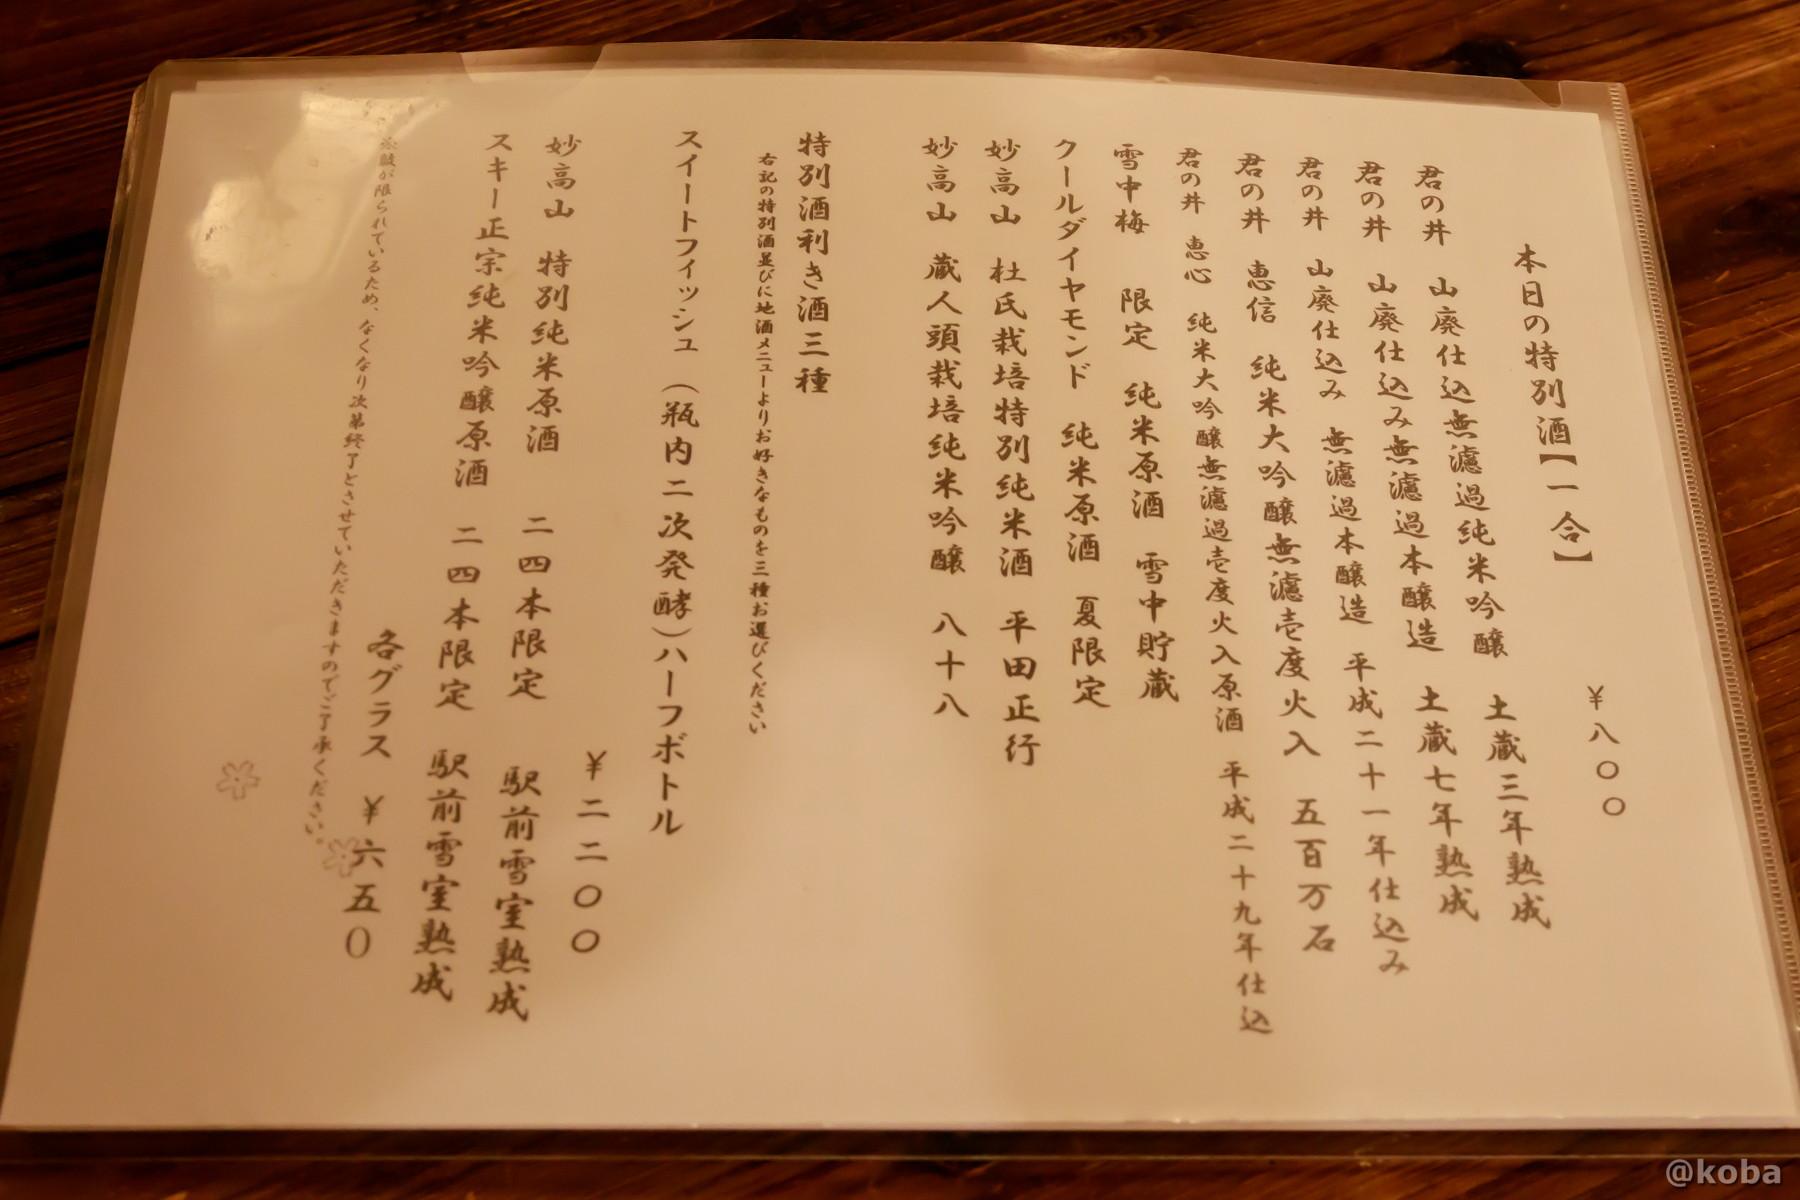 本日の特別酒メニューの写真 燕温泉 樺太館(つばめおんせん からふとかん)新潟県 妙高市